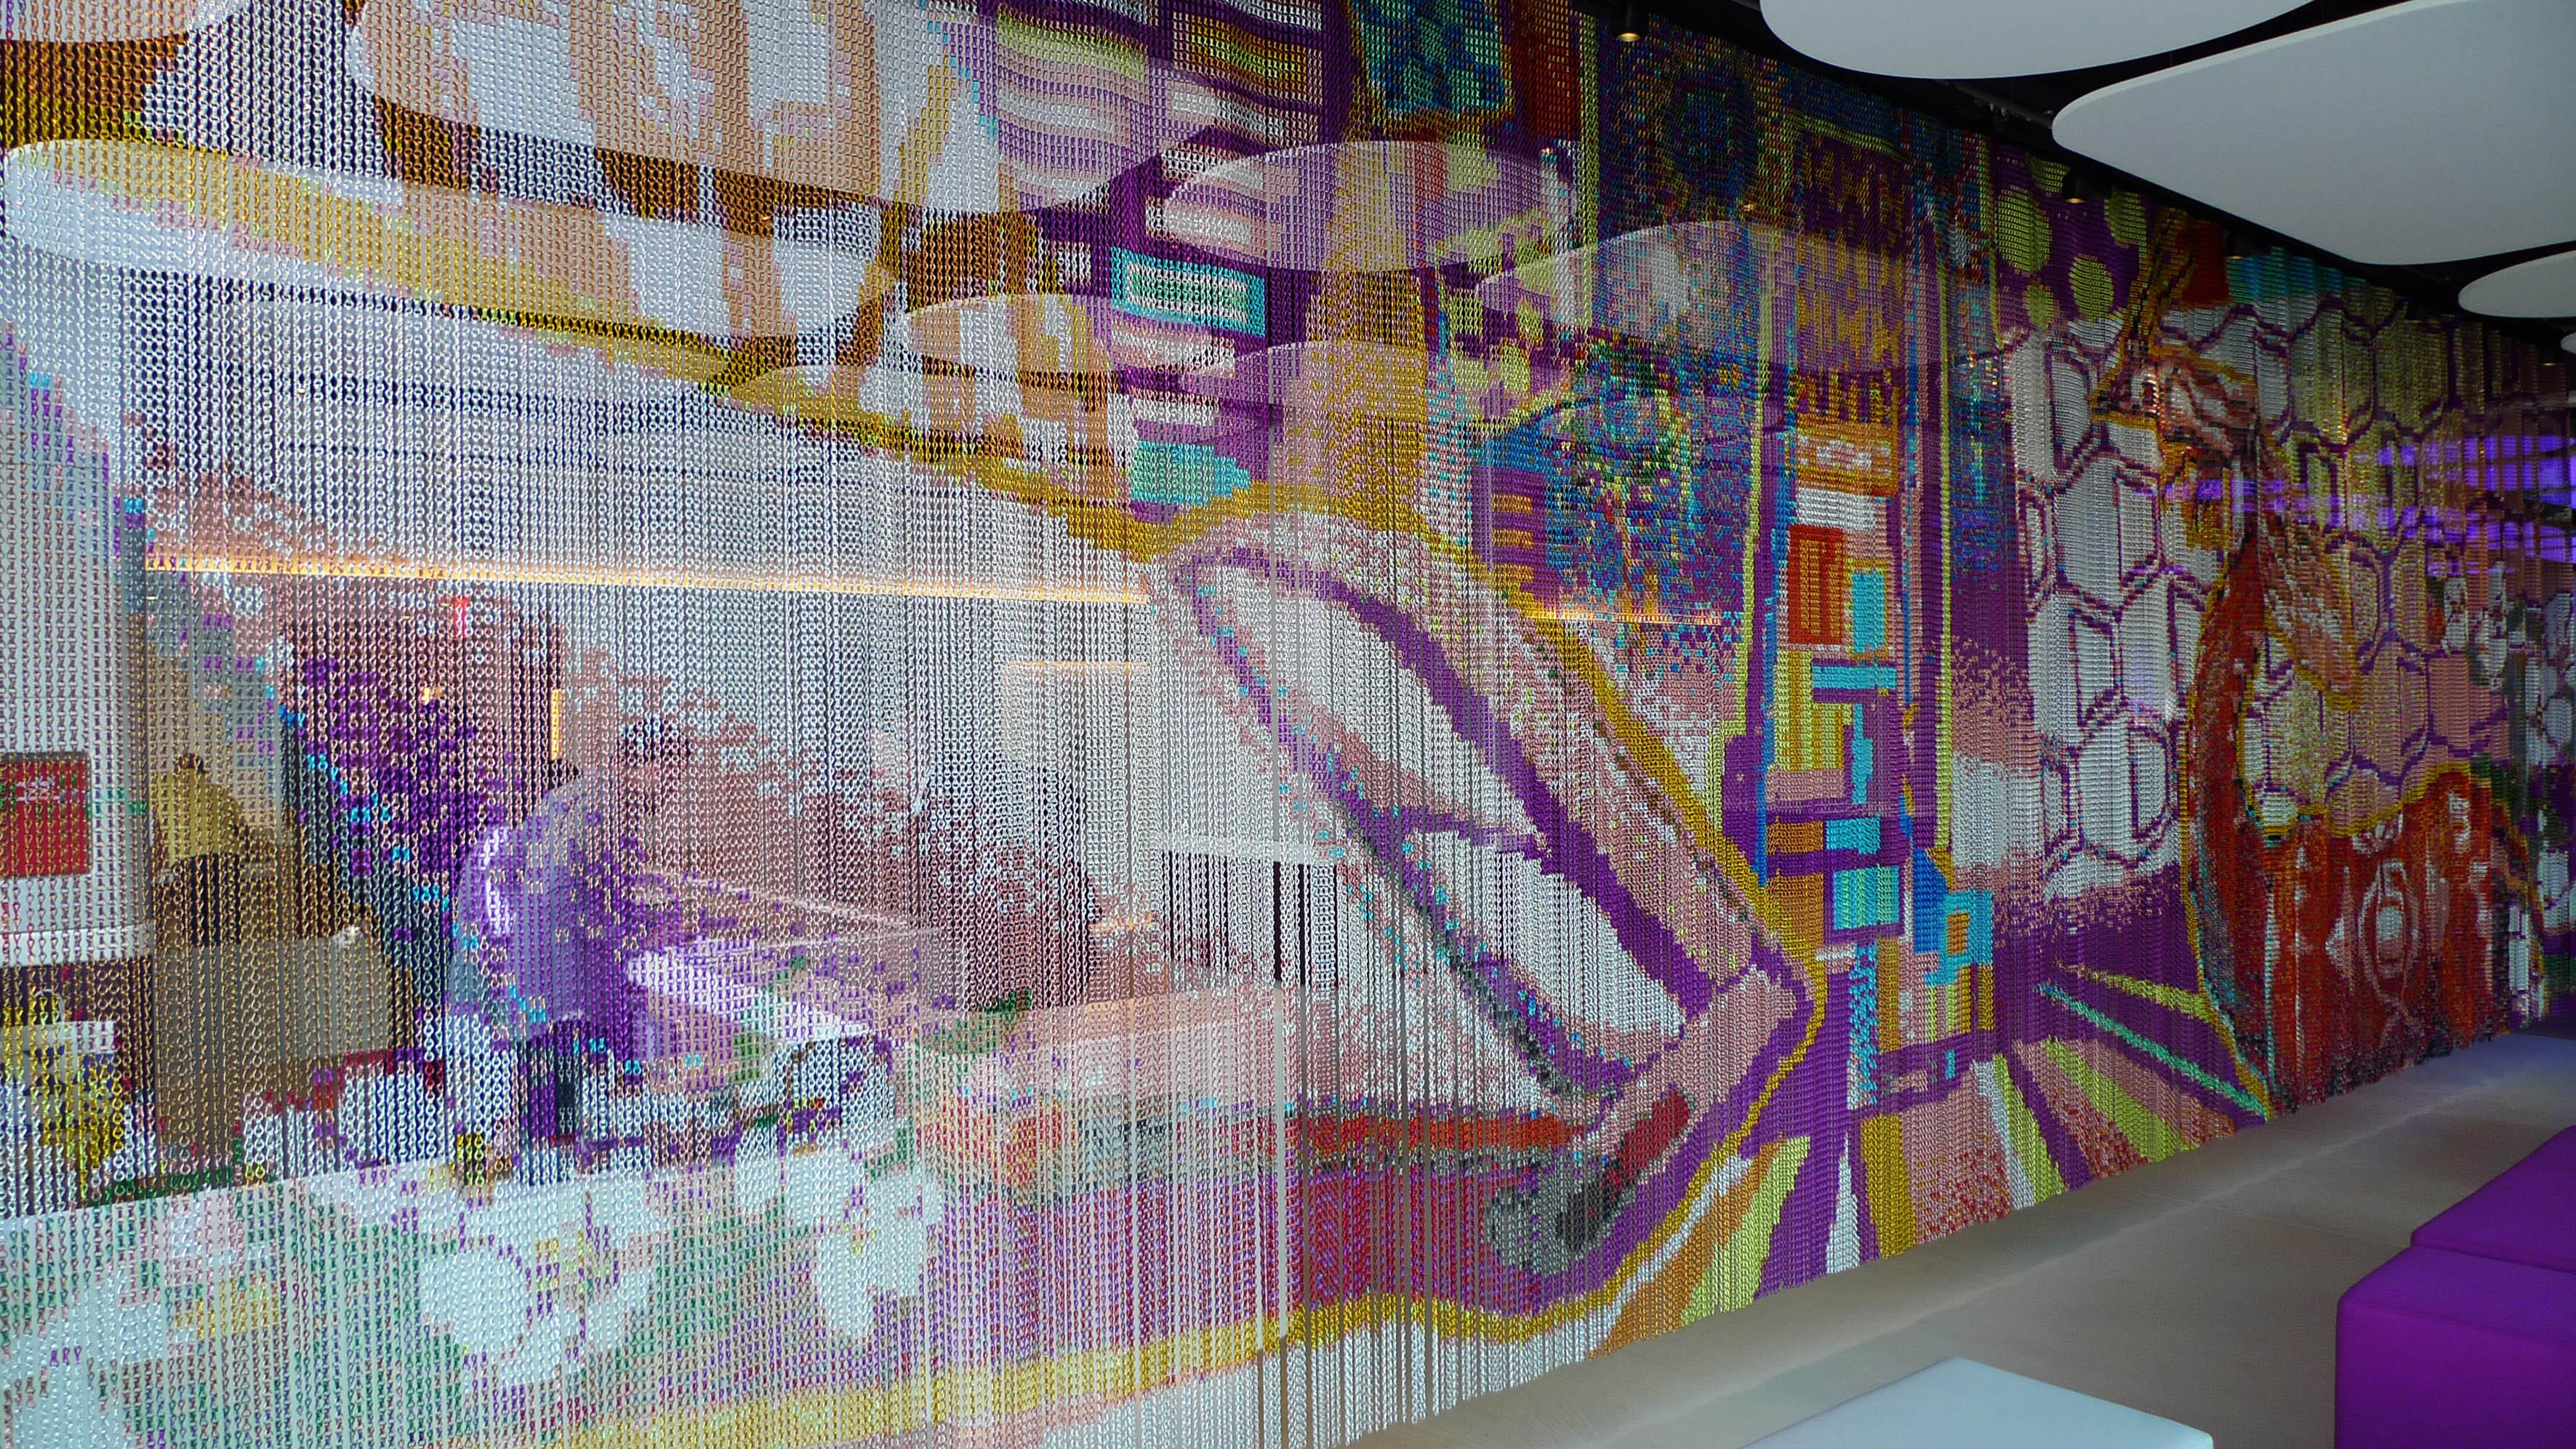 Textiles met licos escaparate del dise o - Disenos textiles del mediterraneo ...